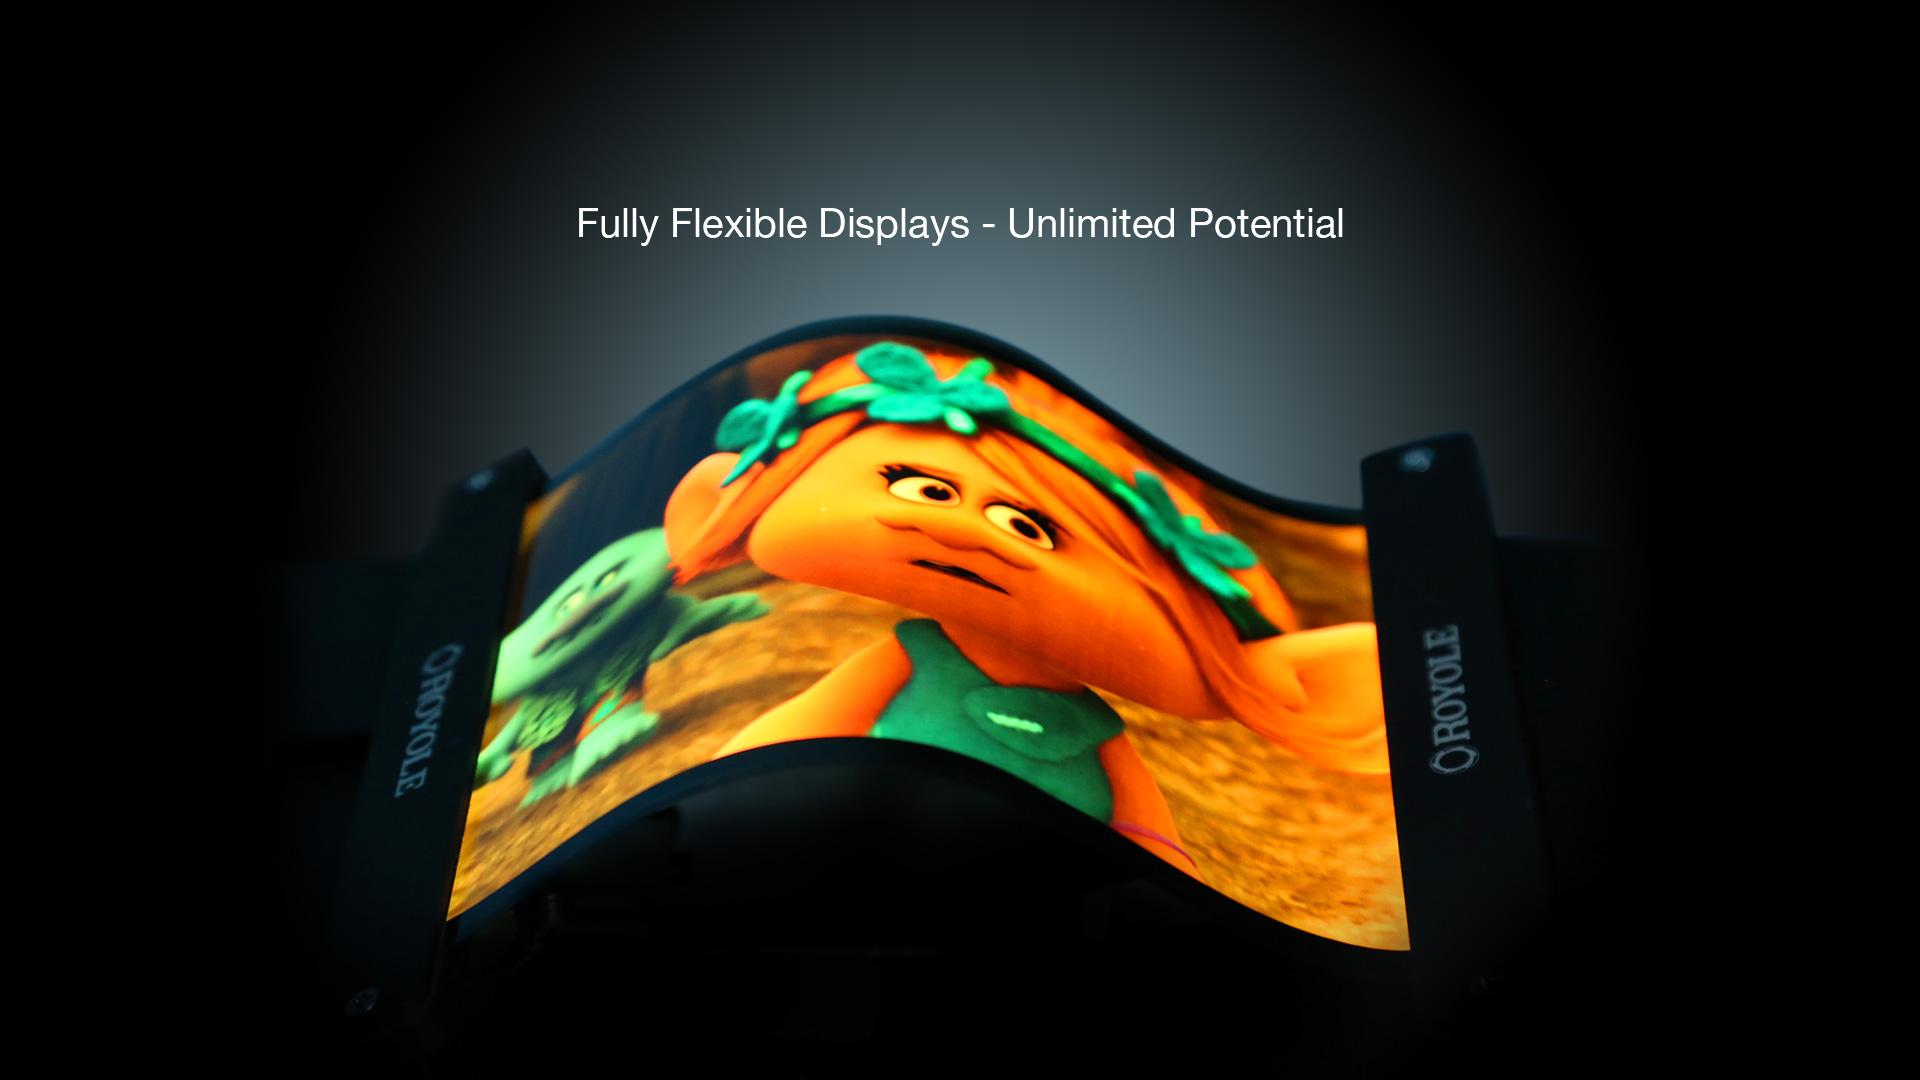 Quién es Royole, la compañía que ha fabricado el primer smartphone flexible